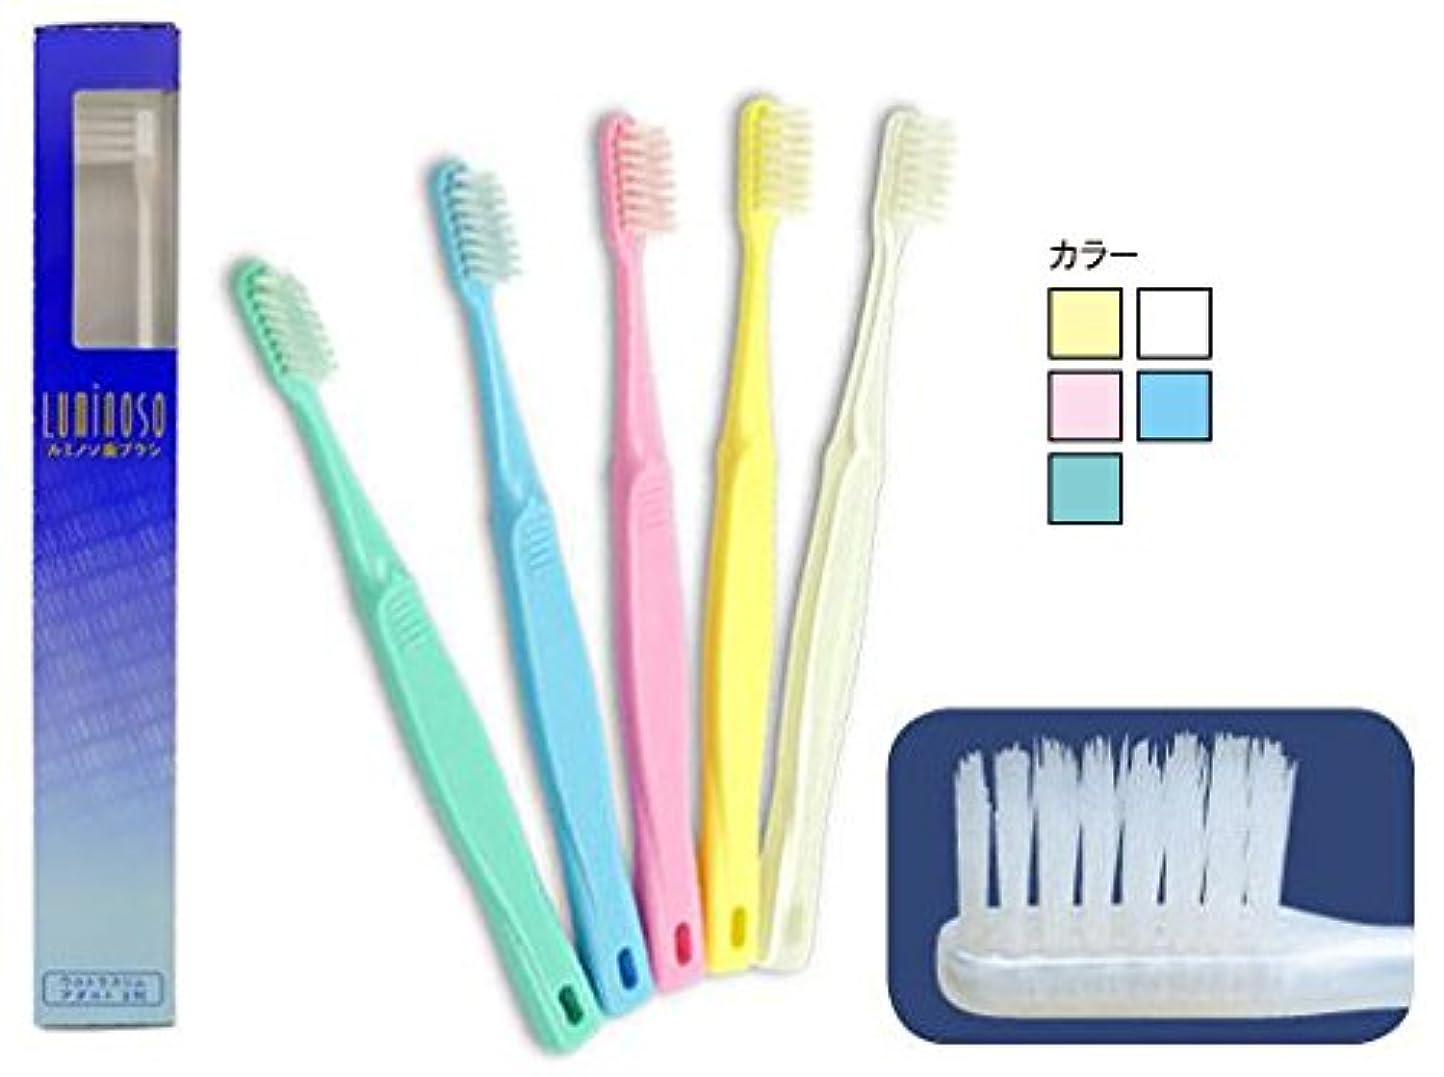 付添人ポット卒業ルミノソ 歯ブラシ ウルトラスリム アダルト 3列 3本 (カラー指定不可)